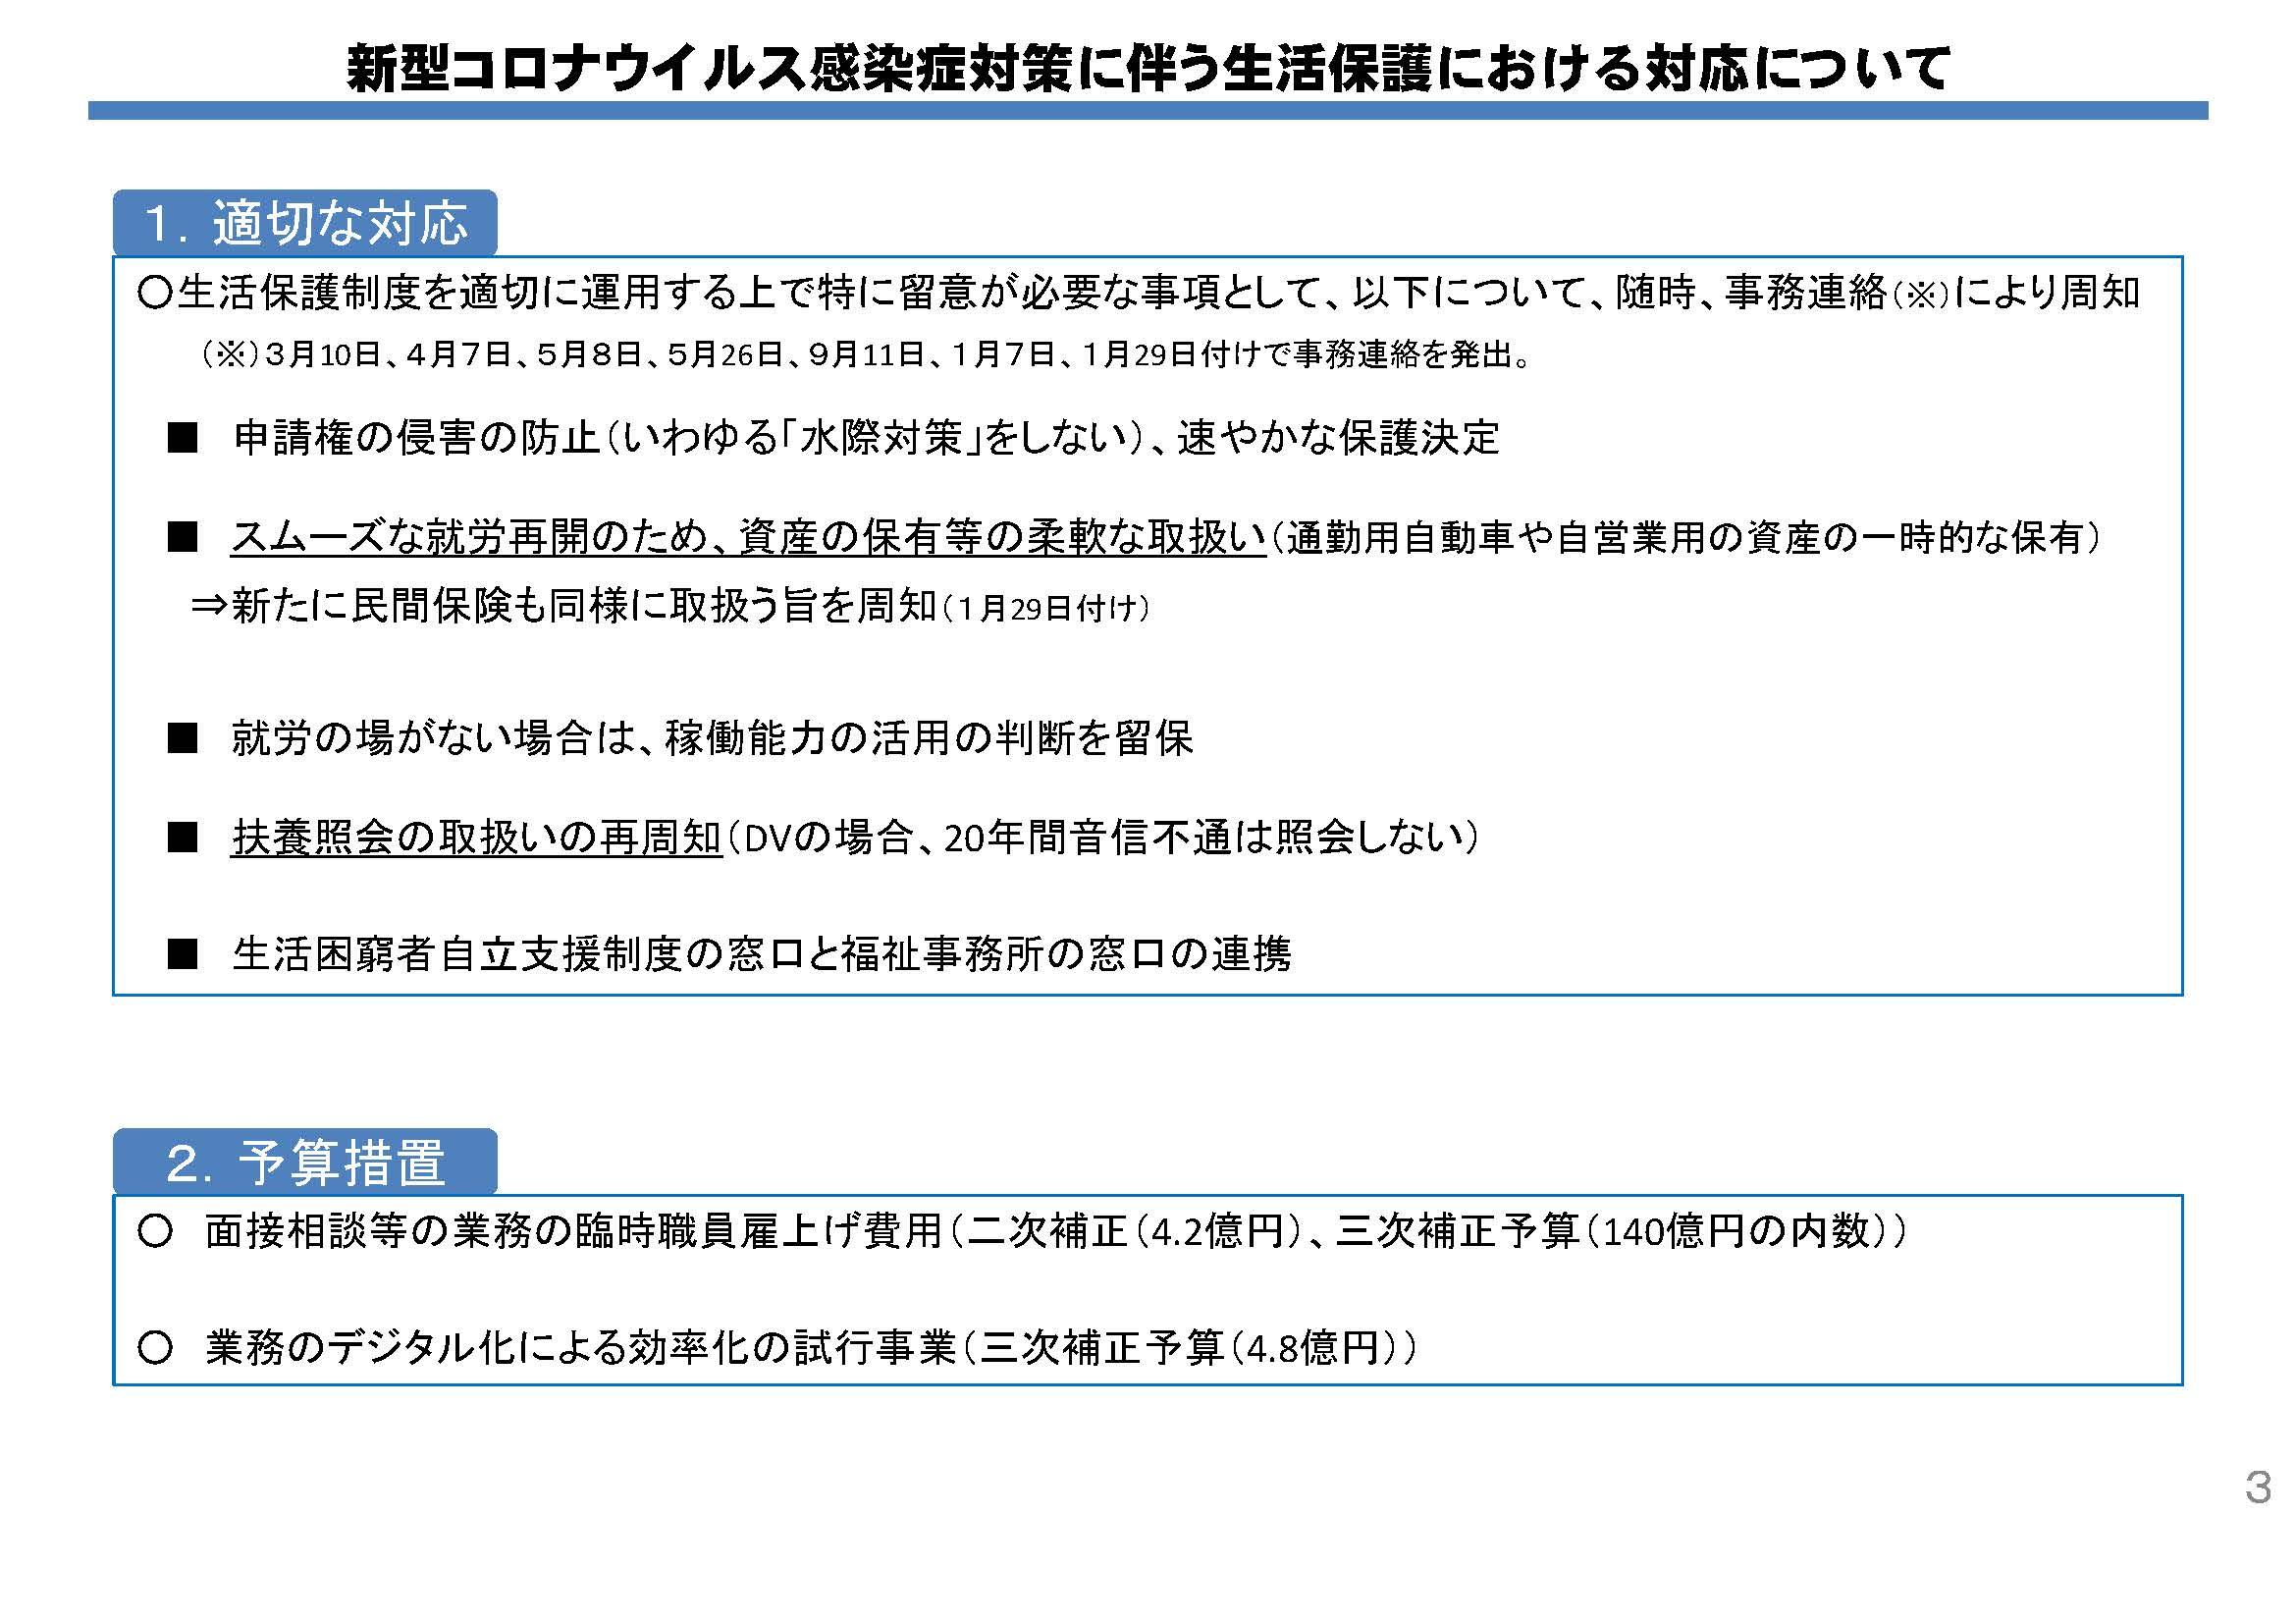 210216 生活保護関係資料(厚生労働省) 4.jpg